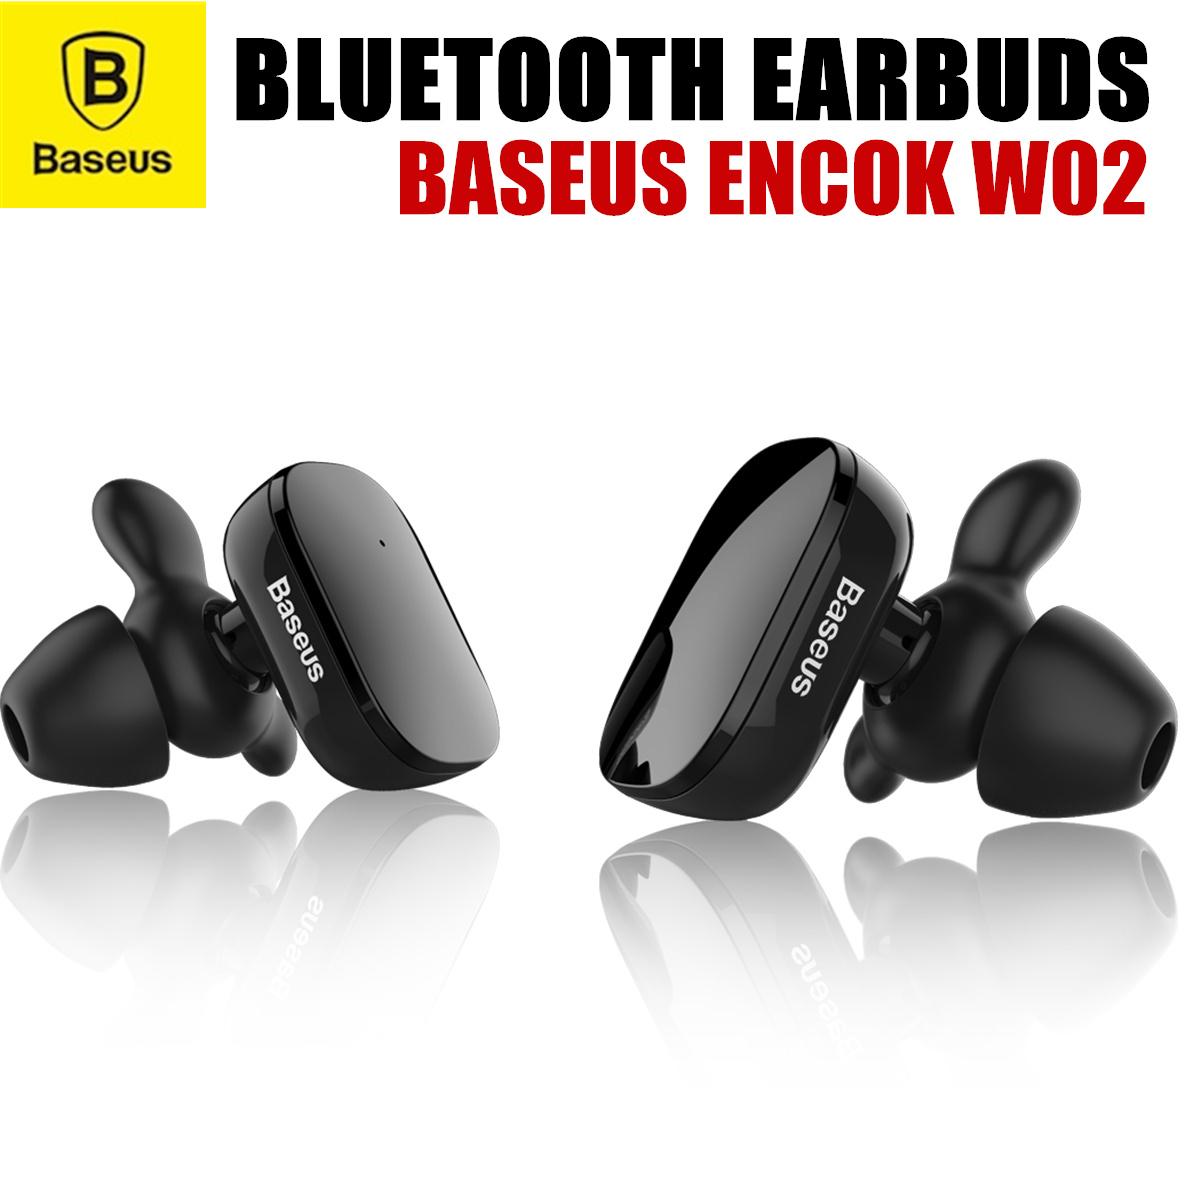 BaseusBaseus Encok W02 Truly Wireless Bluetooth Earbuds Headset Earphone